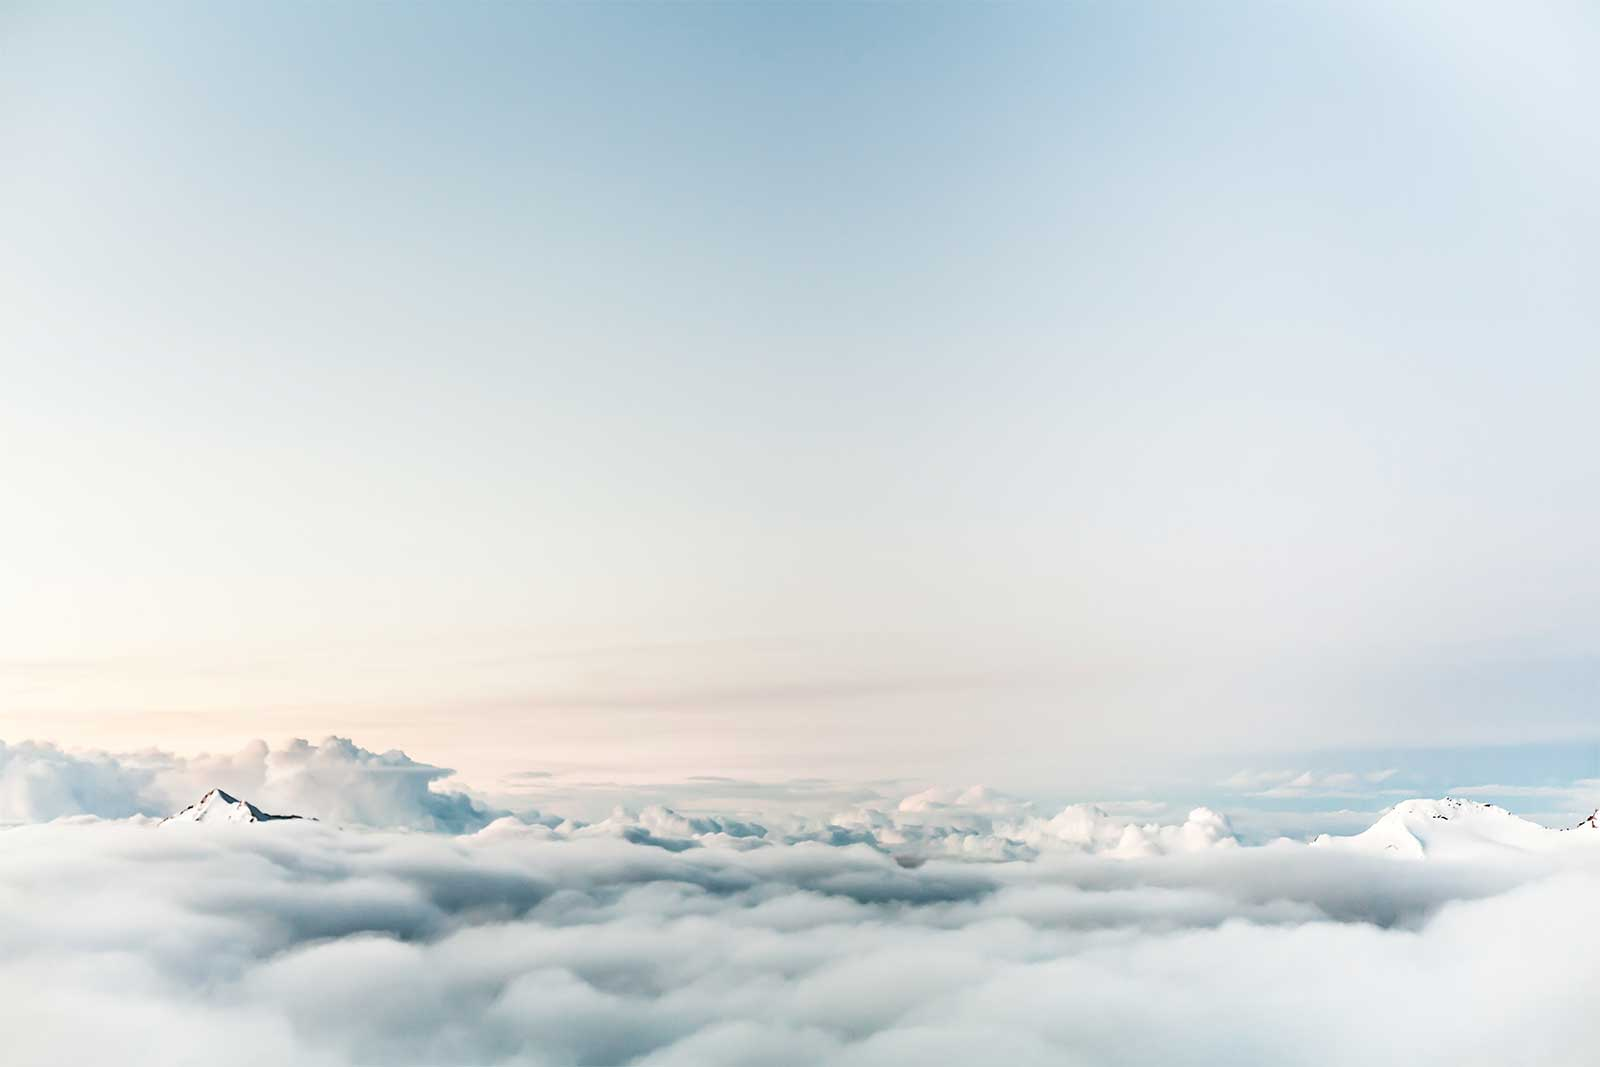 Klaar om uw bedrijf naar nieuwe hoogten?